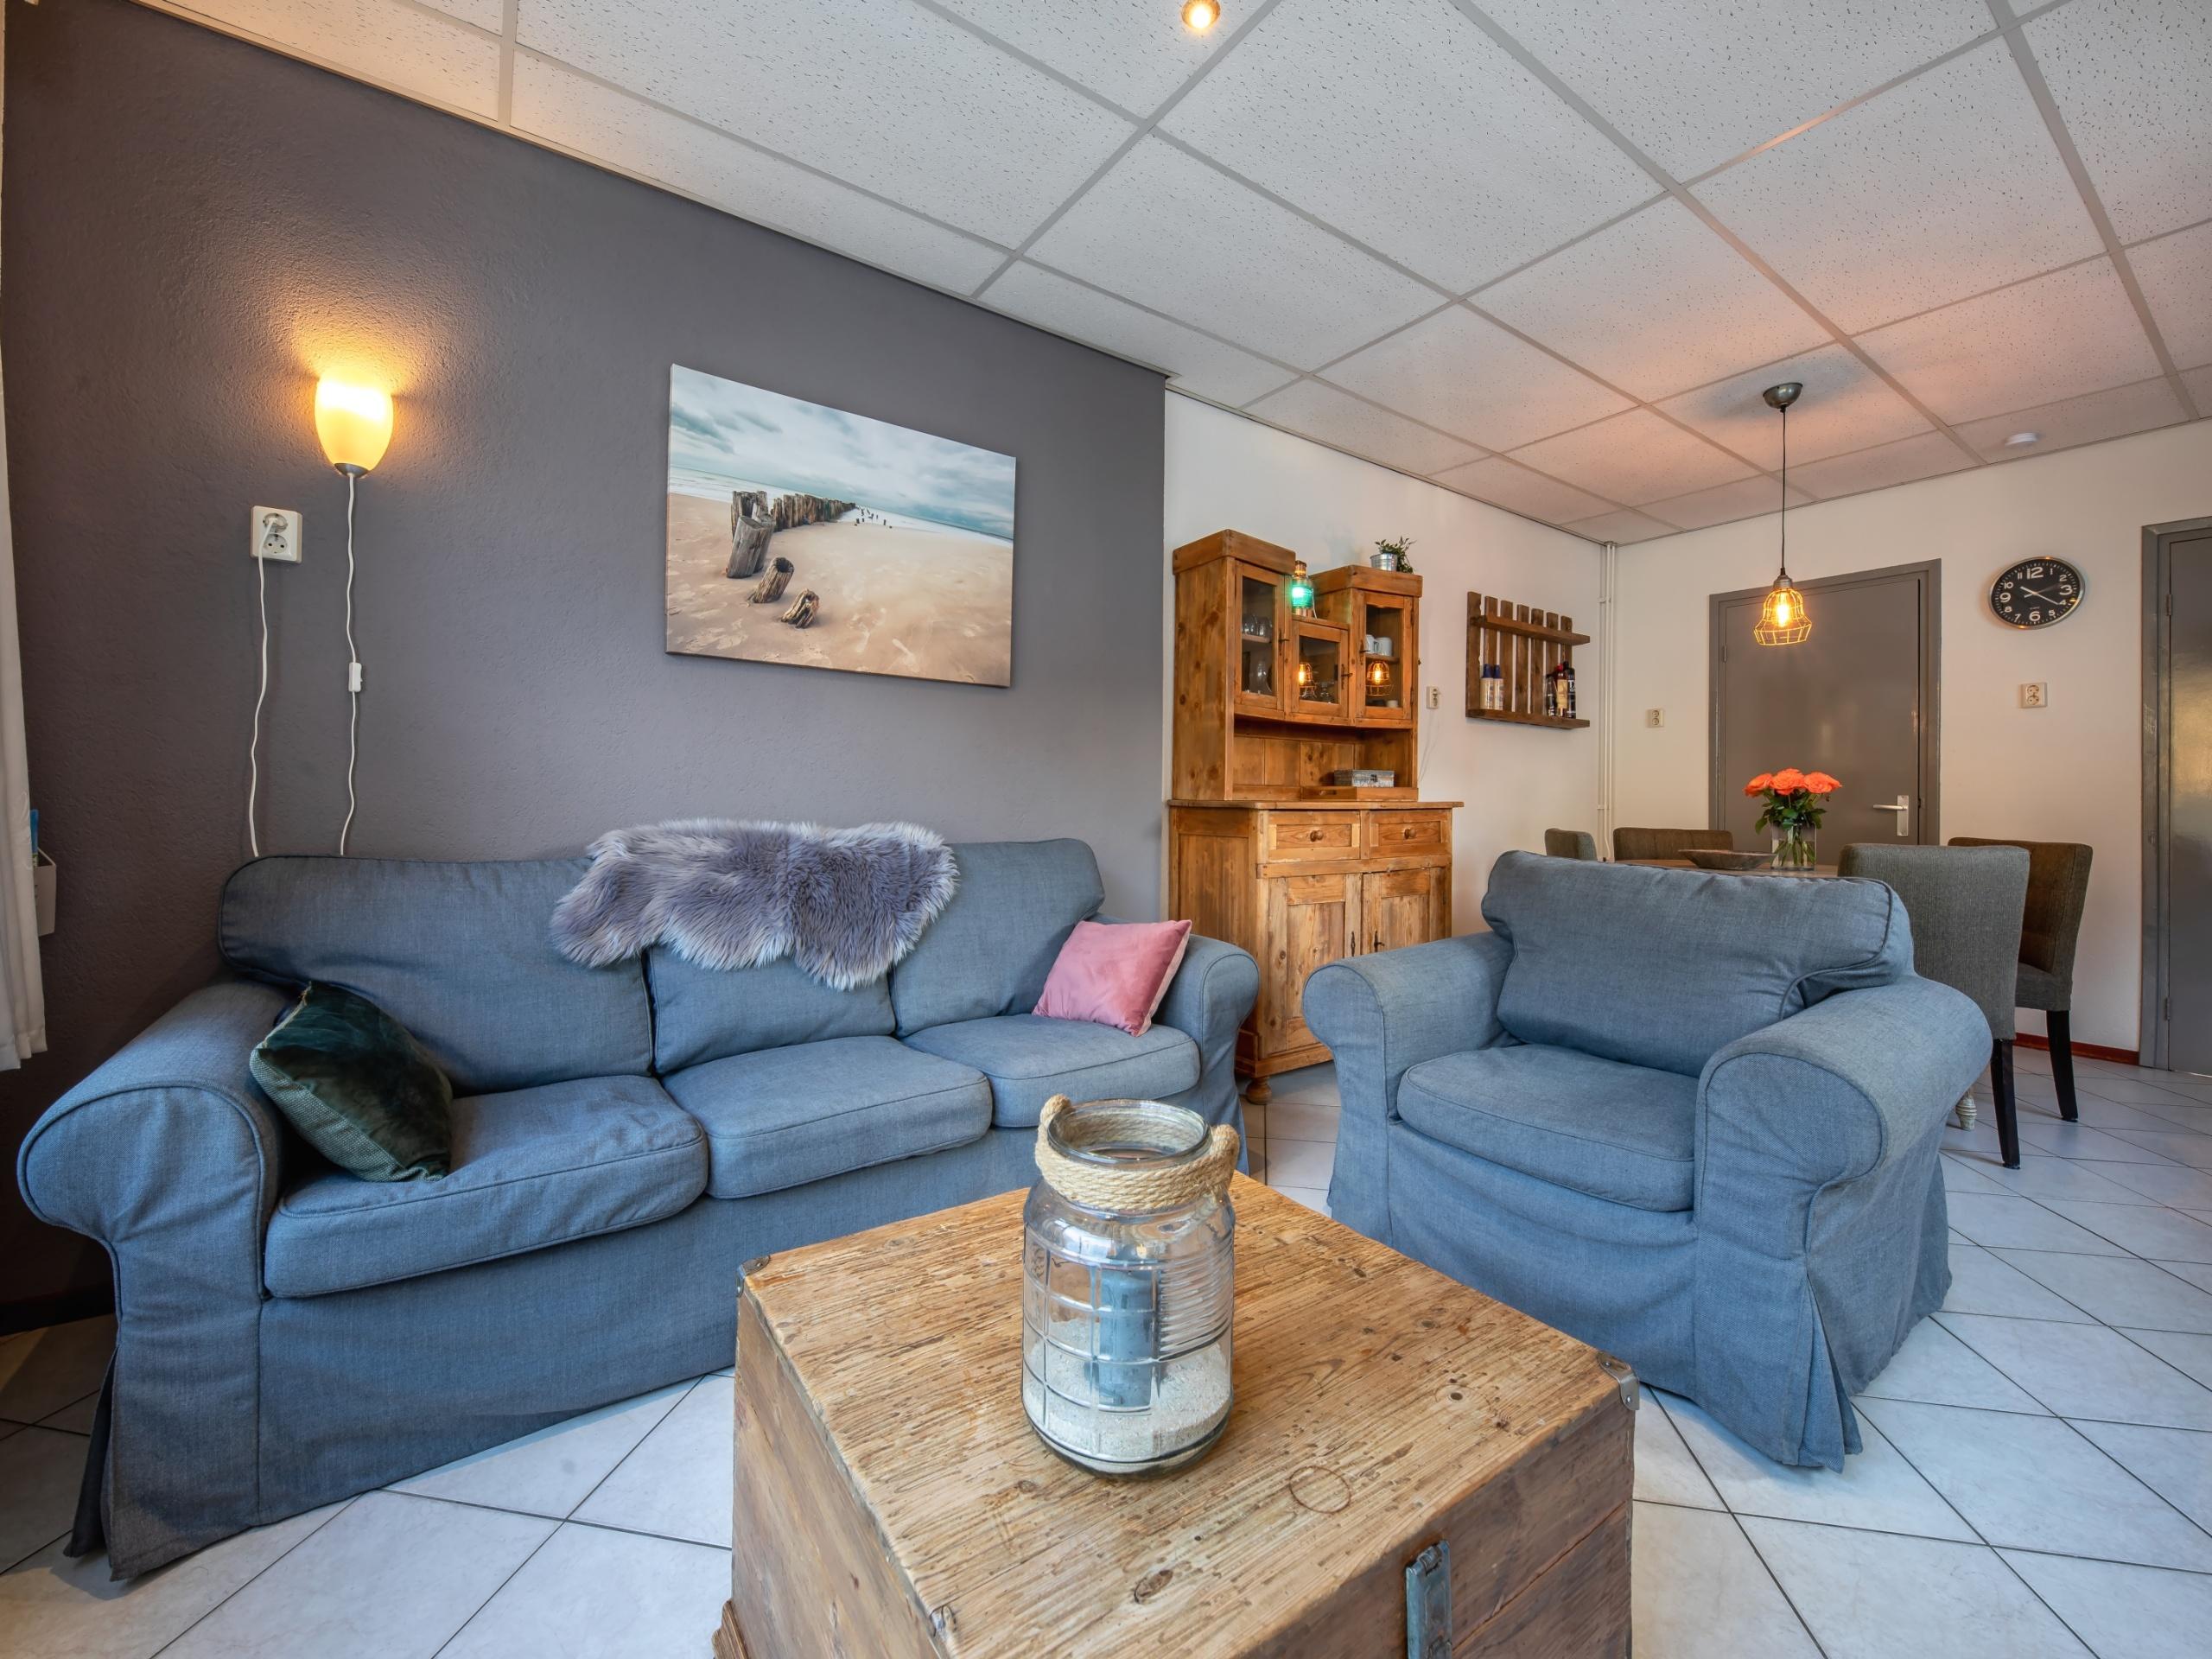 Enjoy a comfortable holiday home near the beach in De Koog